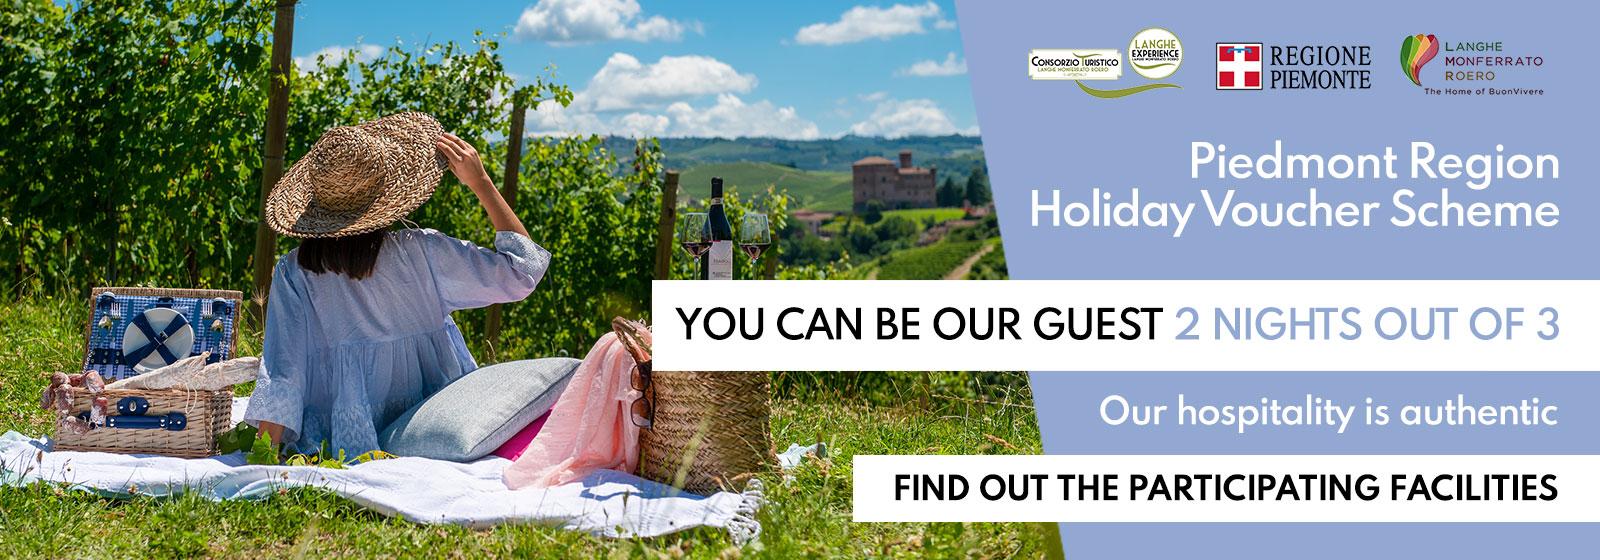 Voucher Regione Piemonte